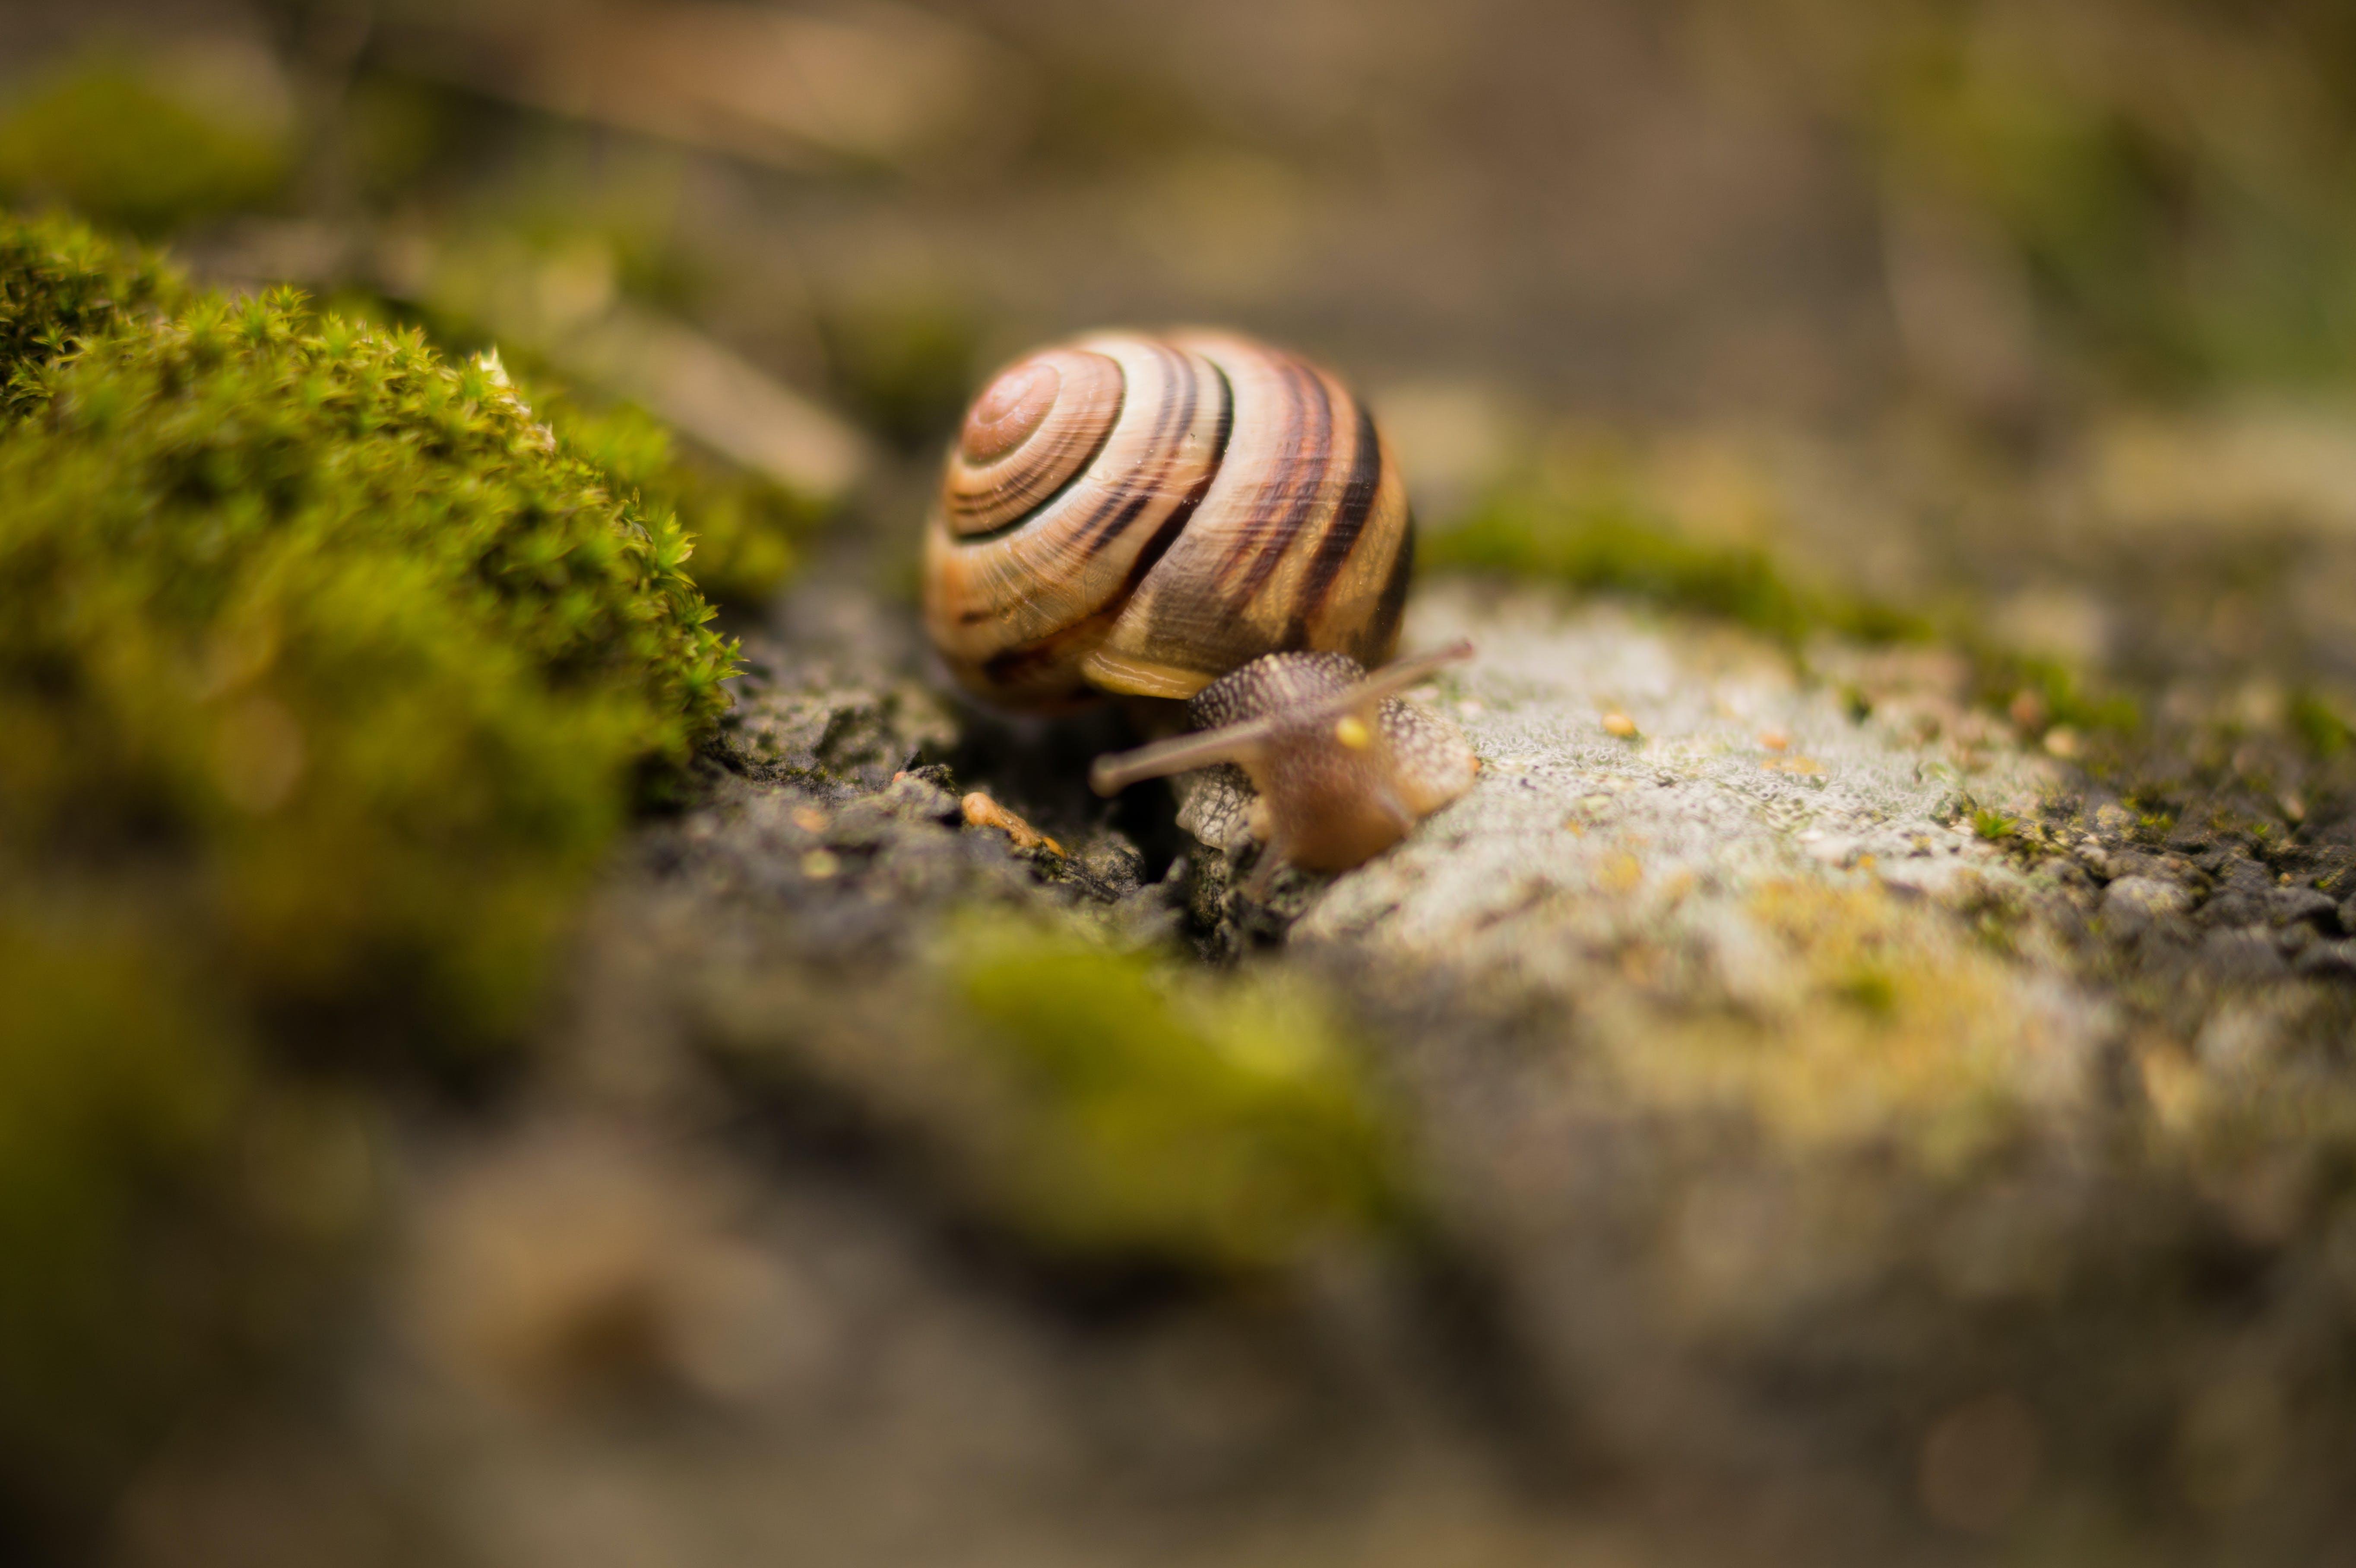 Brown Snail